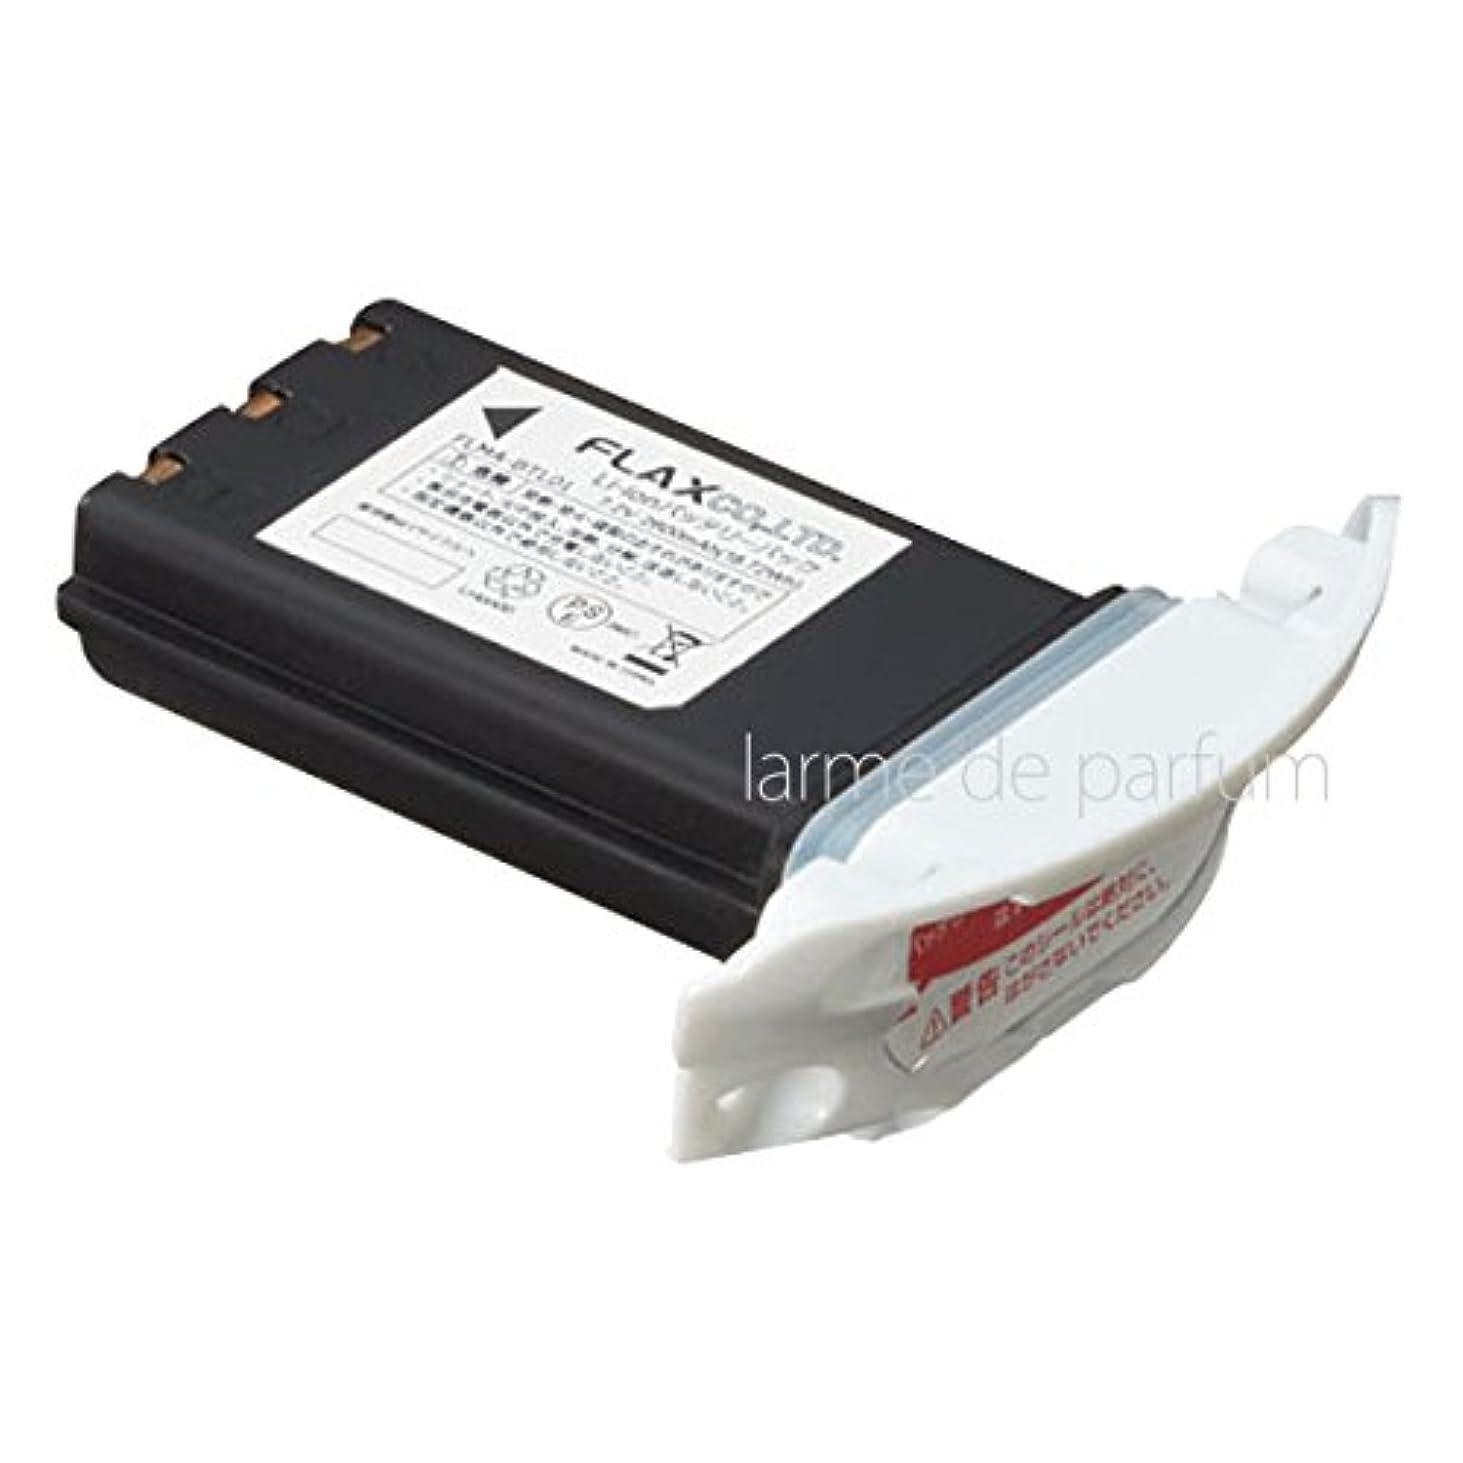 反論手術オークションマルーン(malloon) 専用バッテリー